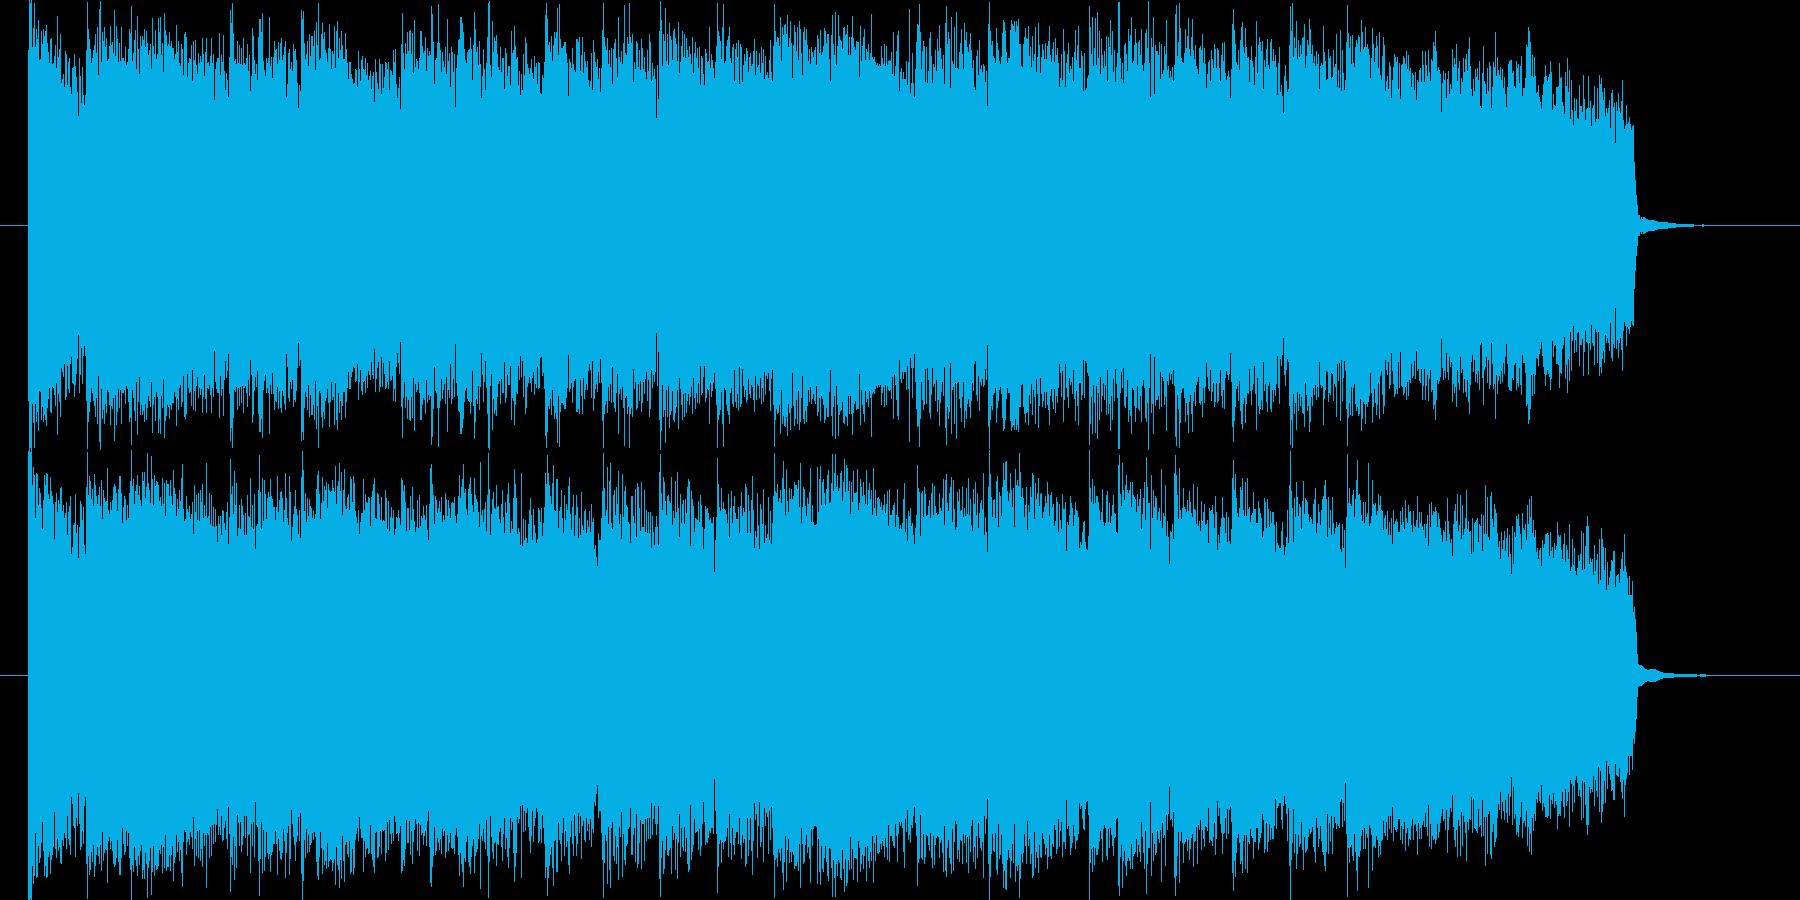 「もみの木」ロックジングルバージョン!の再生済みの波形